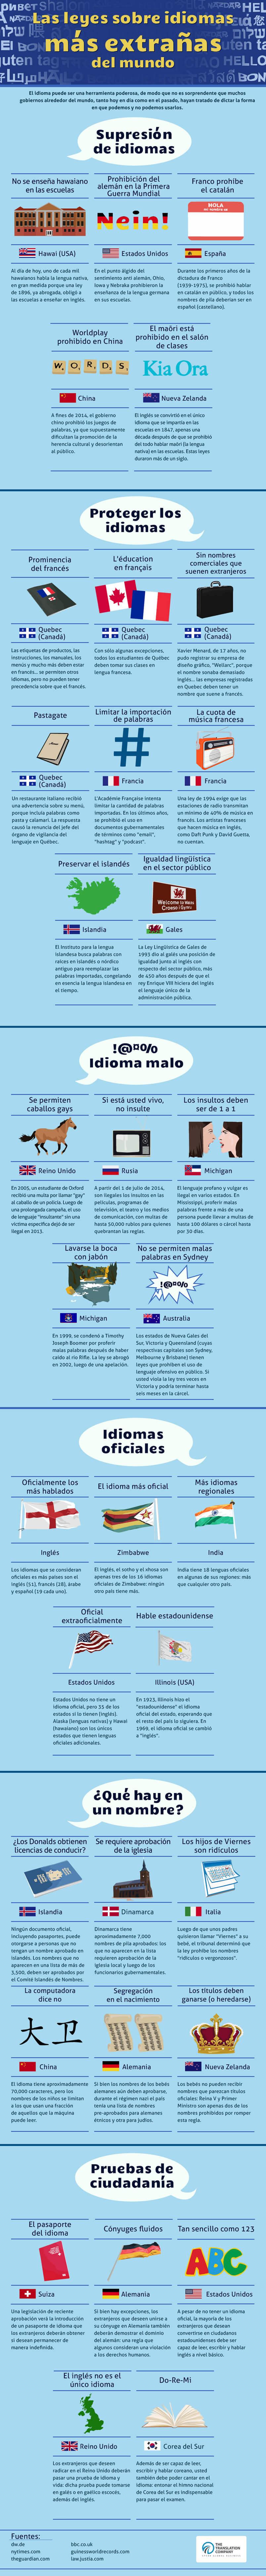 Las leyes sobre idiomas más extrañas del mundo